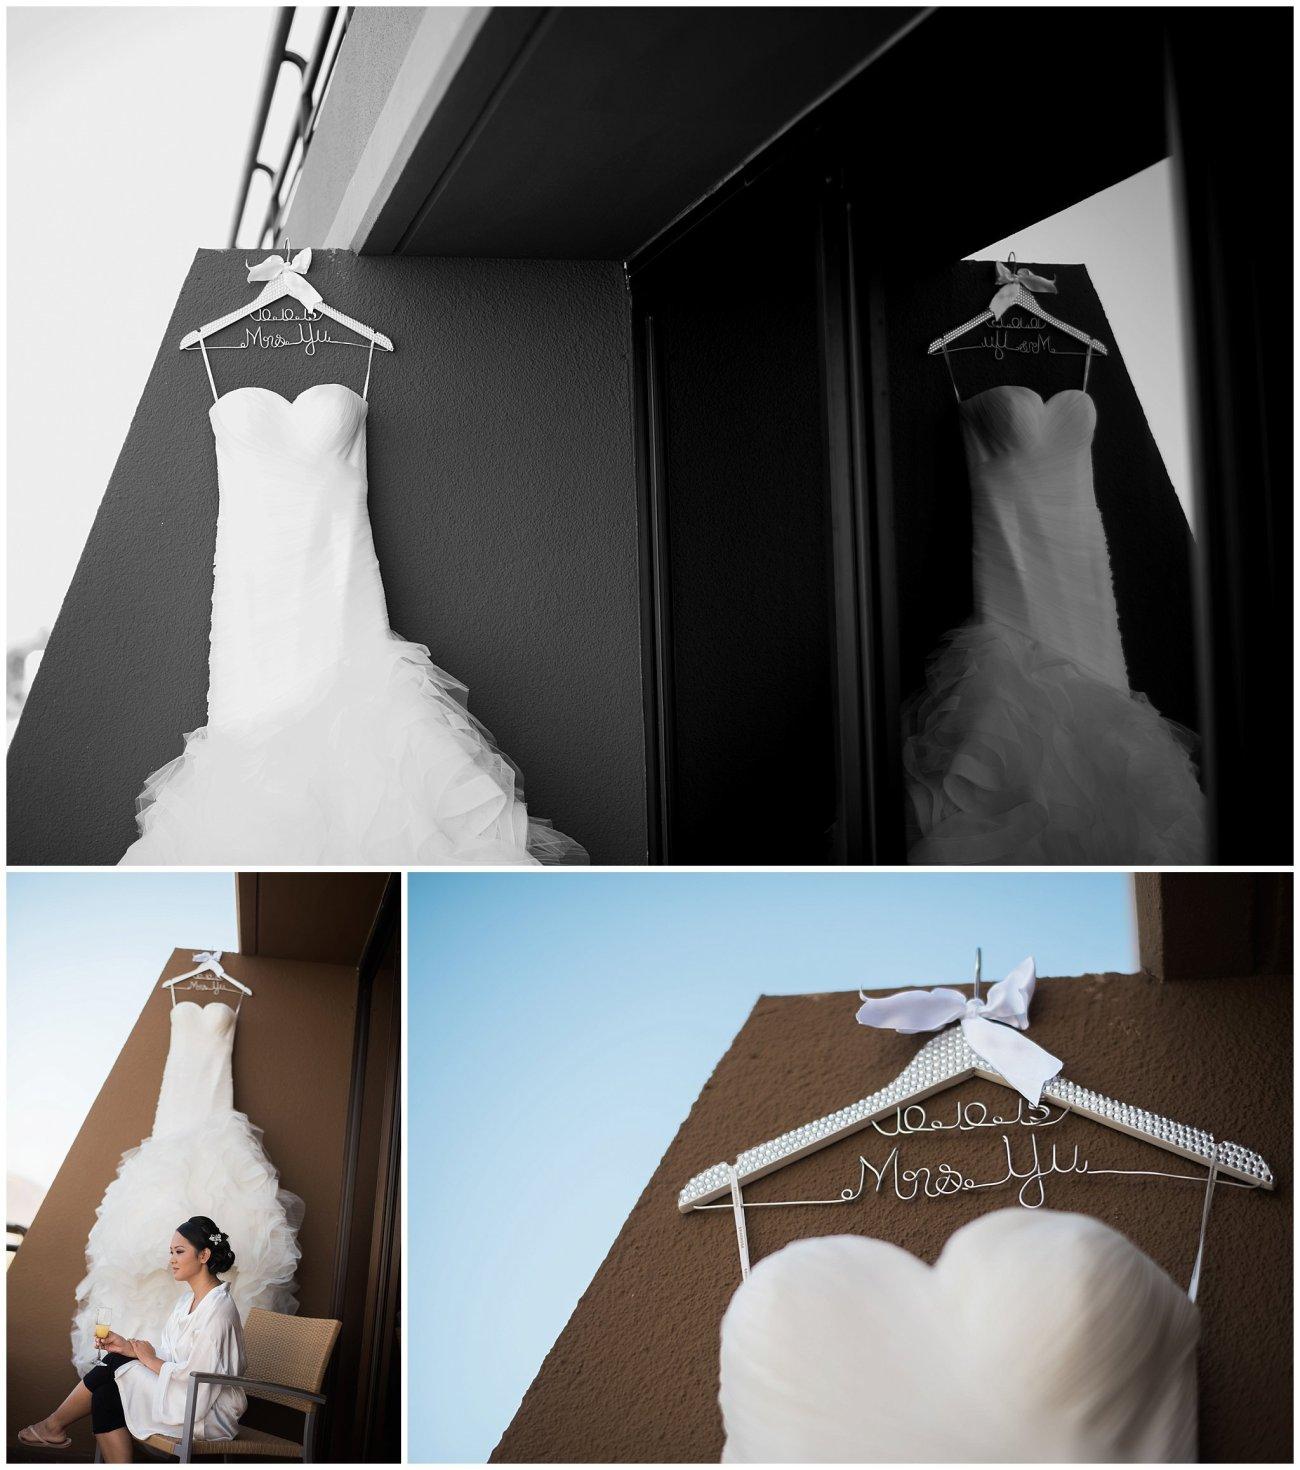 Ha & Allen Wedding Third Element Photography & Cinema Pismo Beach Cliffs Resort Central Coast Hybrid Film Wedding Photographer_0002